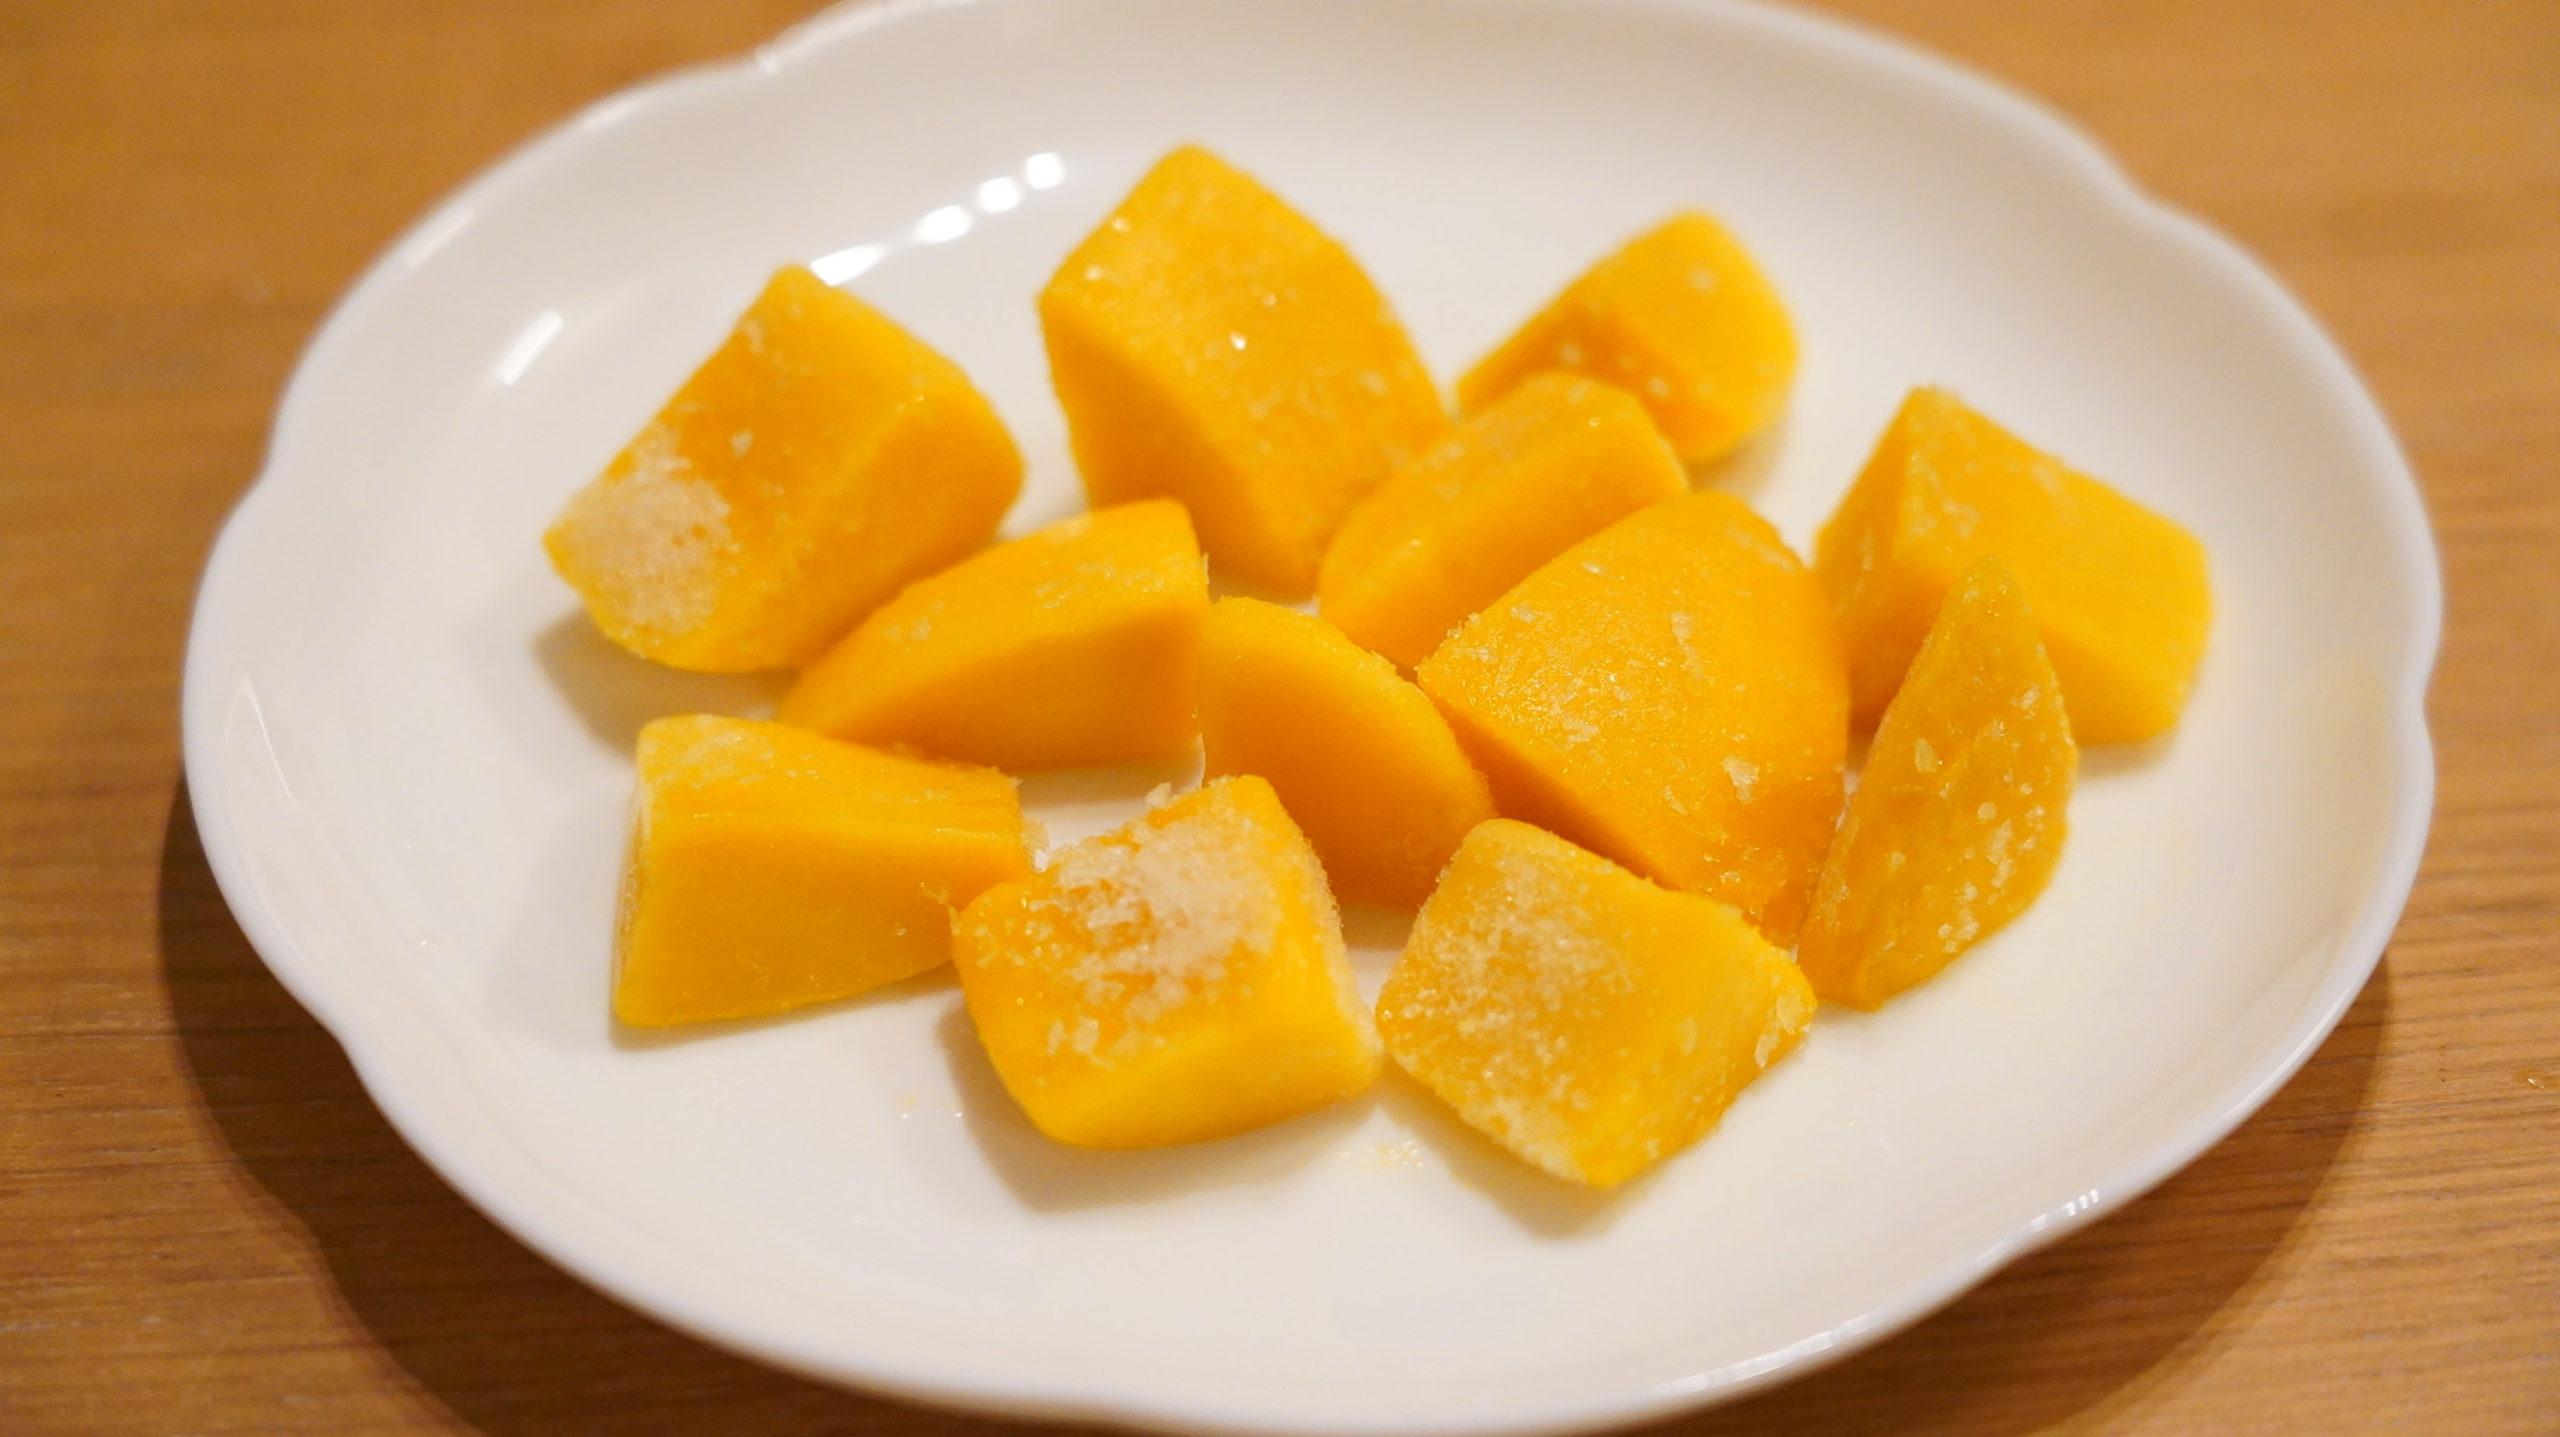 ファミリーマートの冷凍食品「Dole 完熟マンゴー」の中身の写真